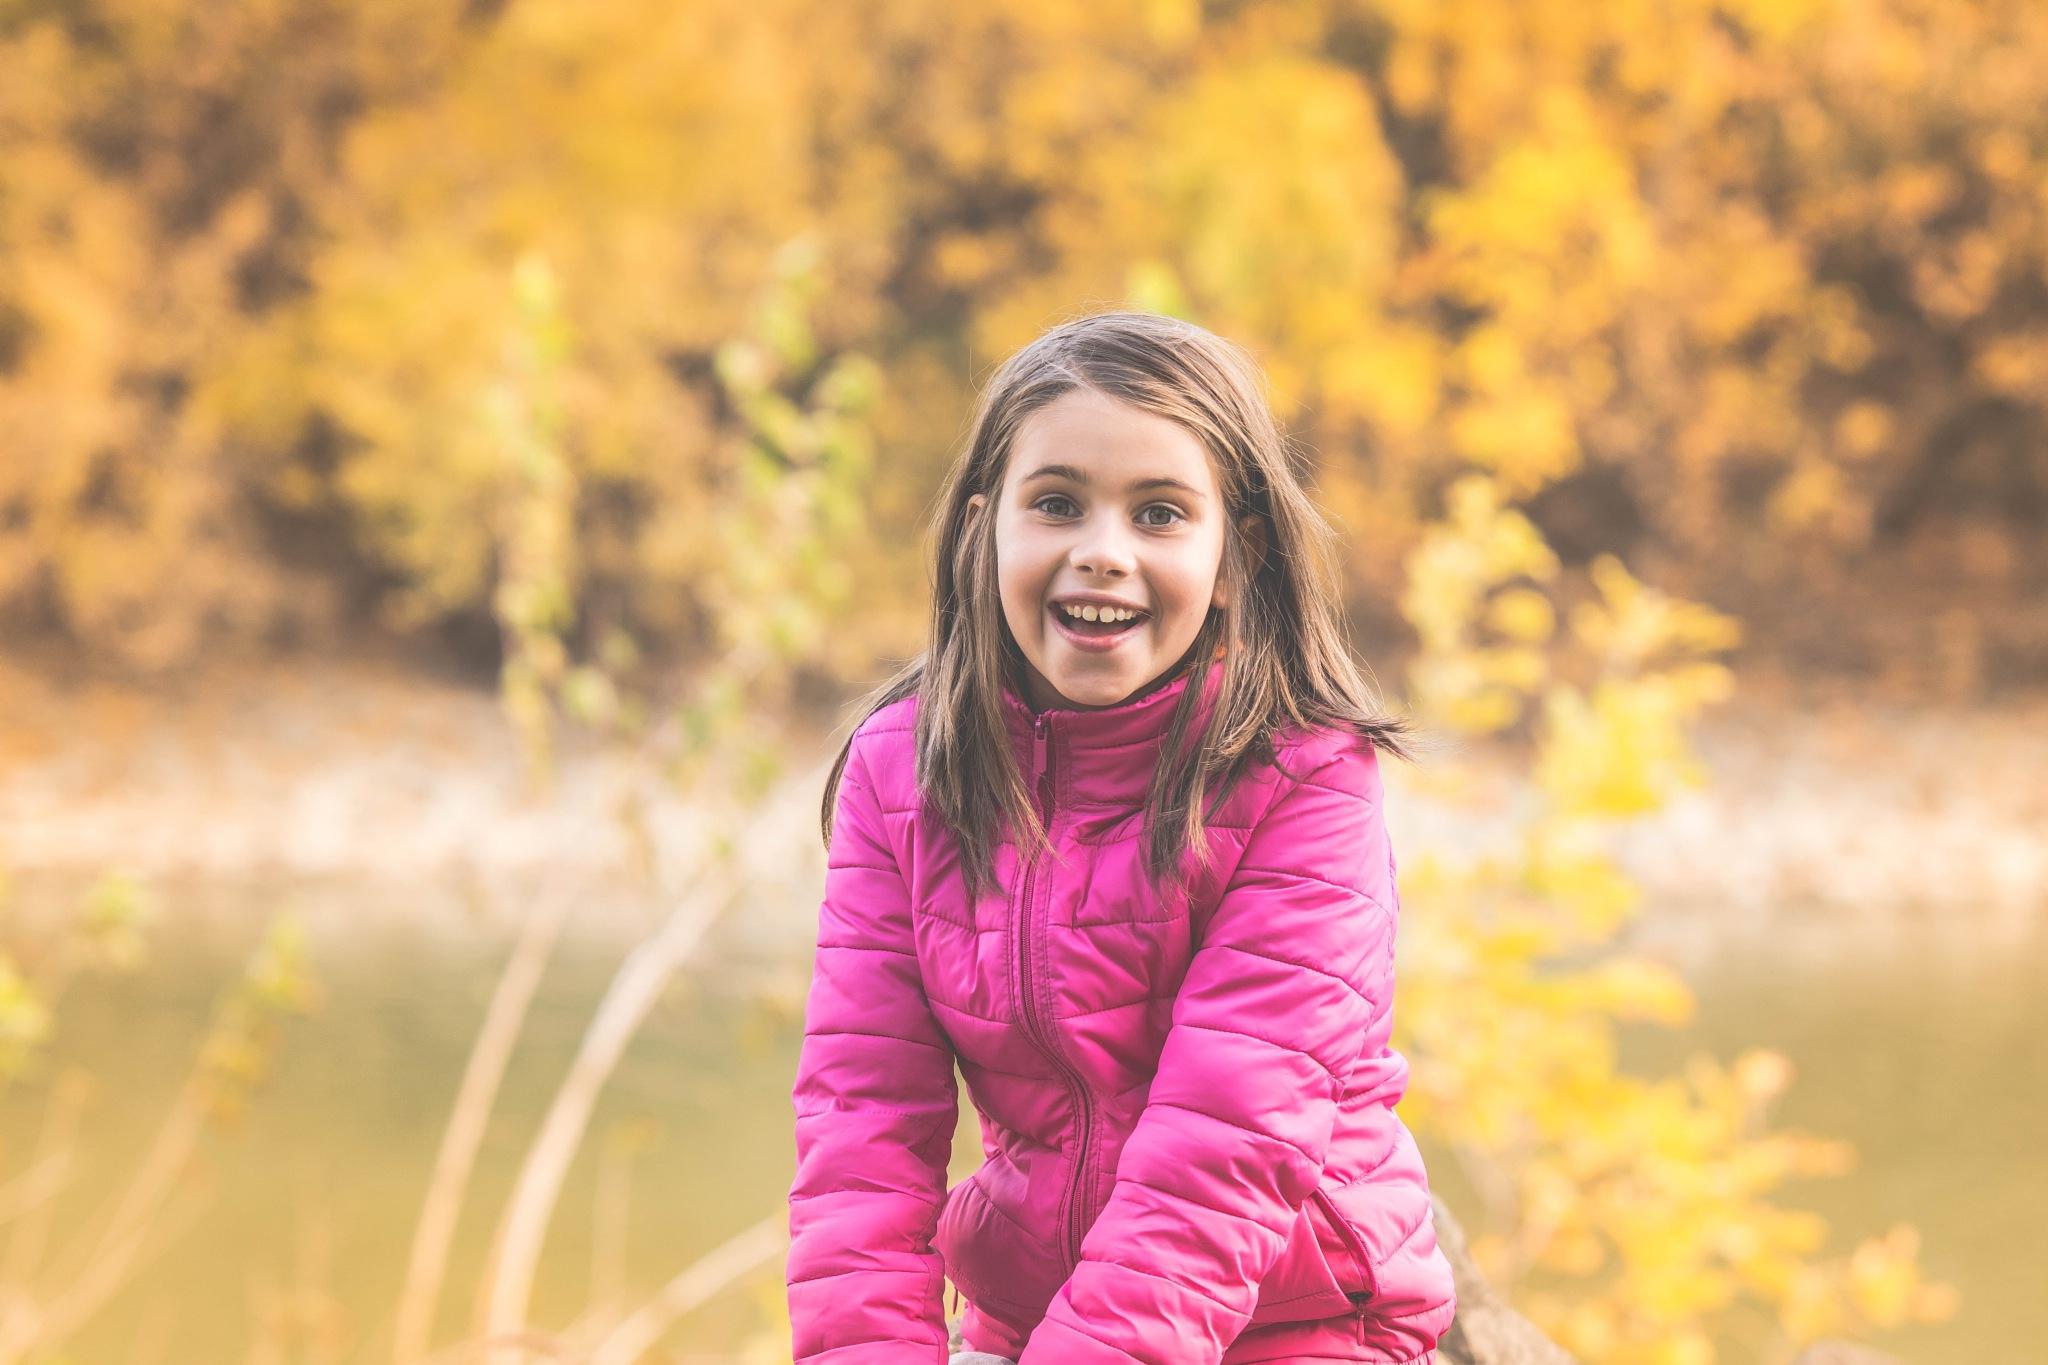 Happy autumn by Kovacs Krisztian